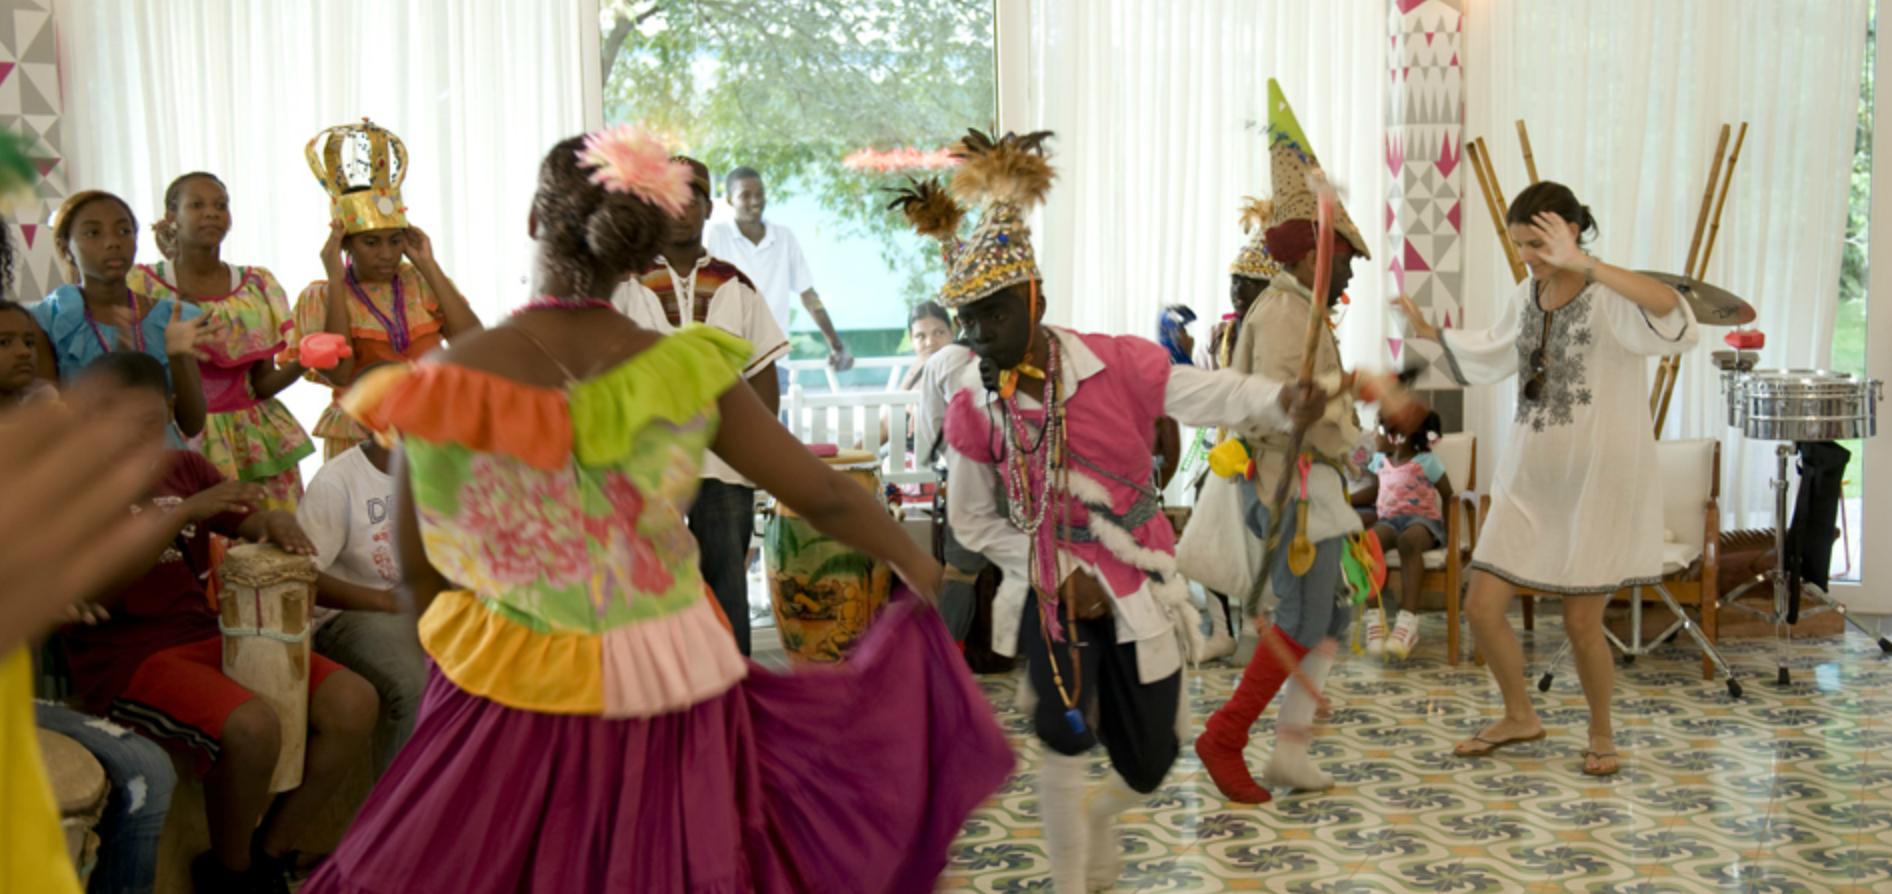 dança-típica-panama-congo-diablicos-hotel-el-otro-lado-portobelo